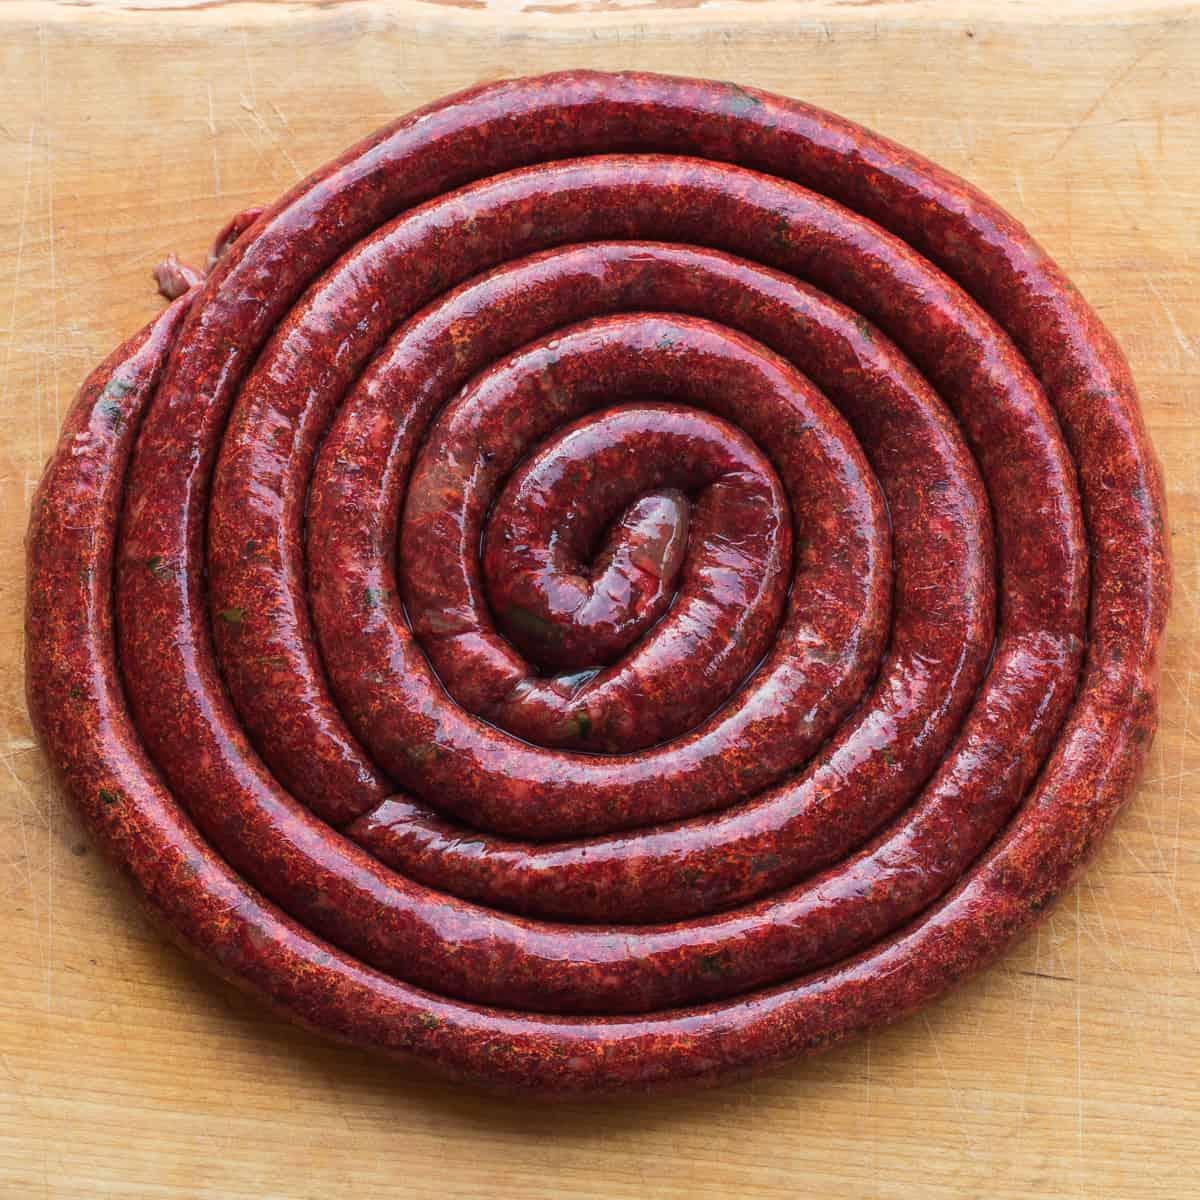 Wild rice lamb blood sausage recipe